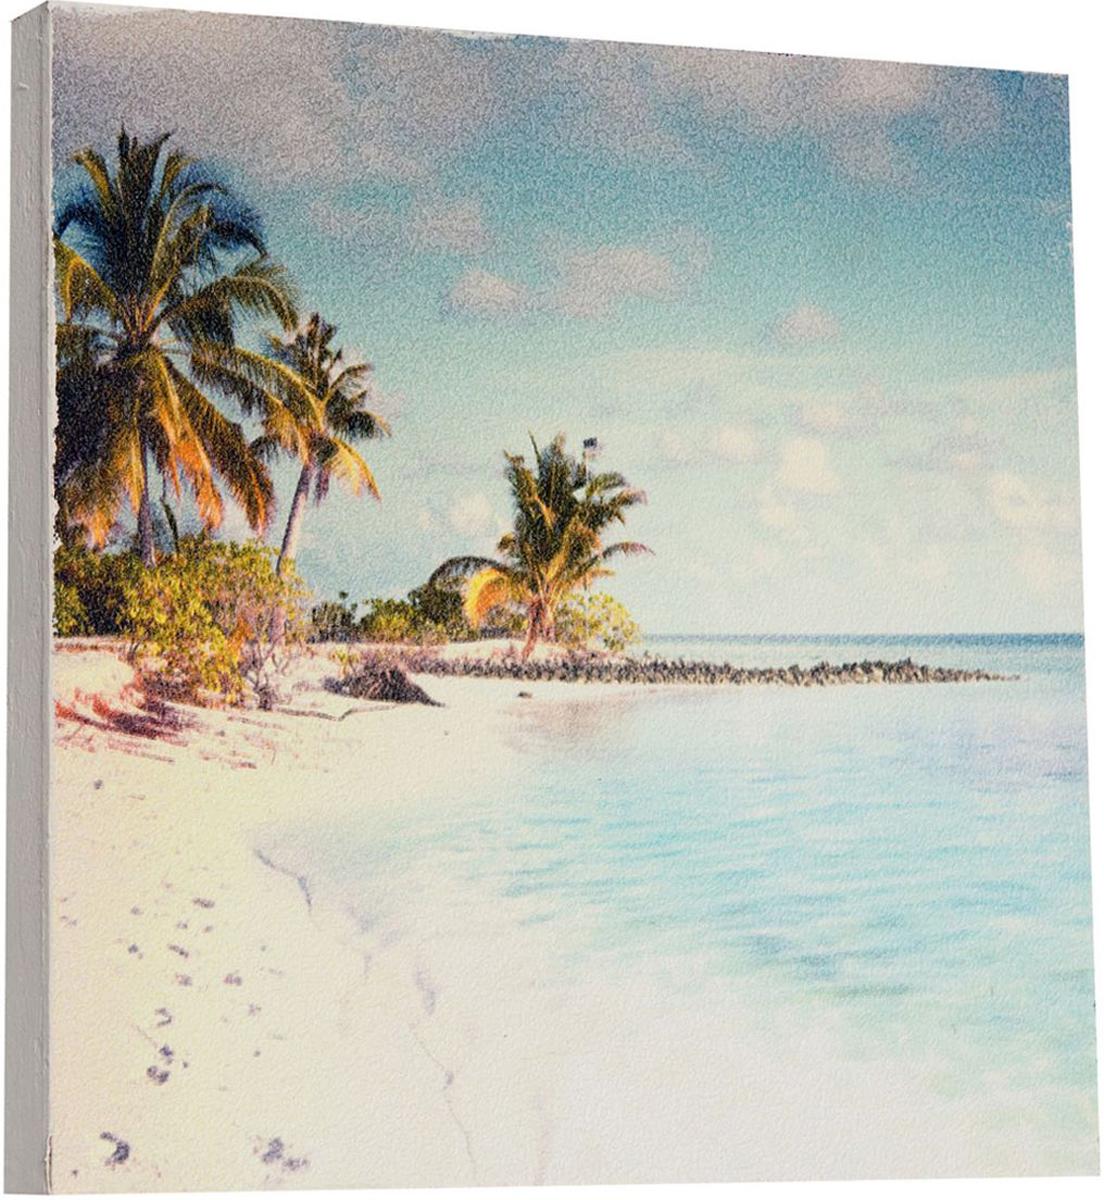 Картина Mister Poster Морской пляж, 22 х 22 см0287-22-22Картина Mister Poster - это высококачественная репродукция на деревянной раме. Лицевая поверхность имитирует штукатурку или натуральный холст, края окрашены вручную специальным декоративным составом.Современные технологии, уникальное оборудование и оригинальные чернила, используемые при изготовлении, делают постер устойчивым к выцветанию, а также гарантируют стойкость к воздействию негативных внешних факторов. Интерьер дома и офиса, в котором находится человек, в значительной степени влияет на его настроение и работоспособность. Правильное оформление интерьера создает благоприятный психологический климат, улучшает настроение и мотивирует. Добавьте «красок» в ваш интерьер и, возможно, в вашу жизнь.